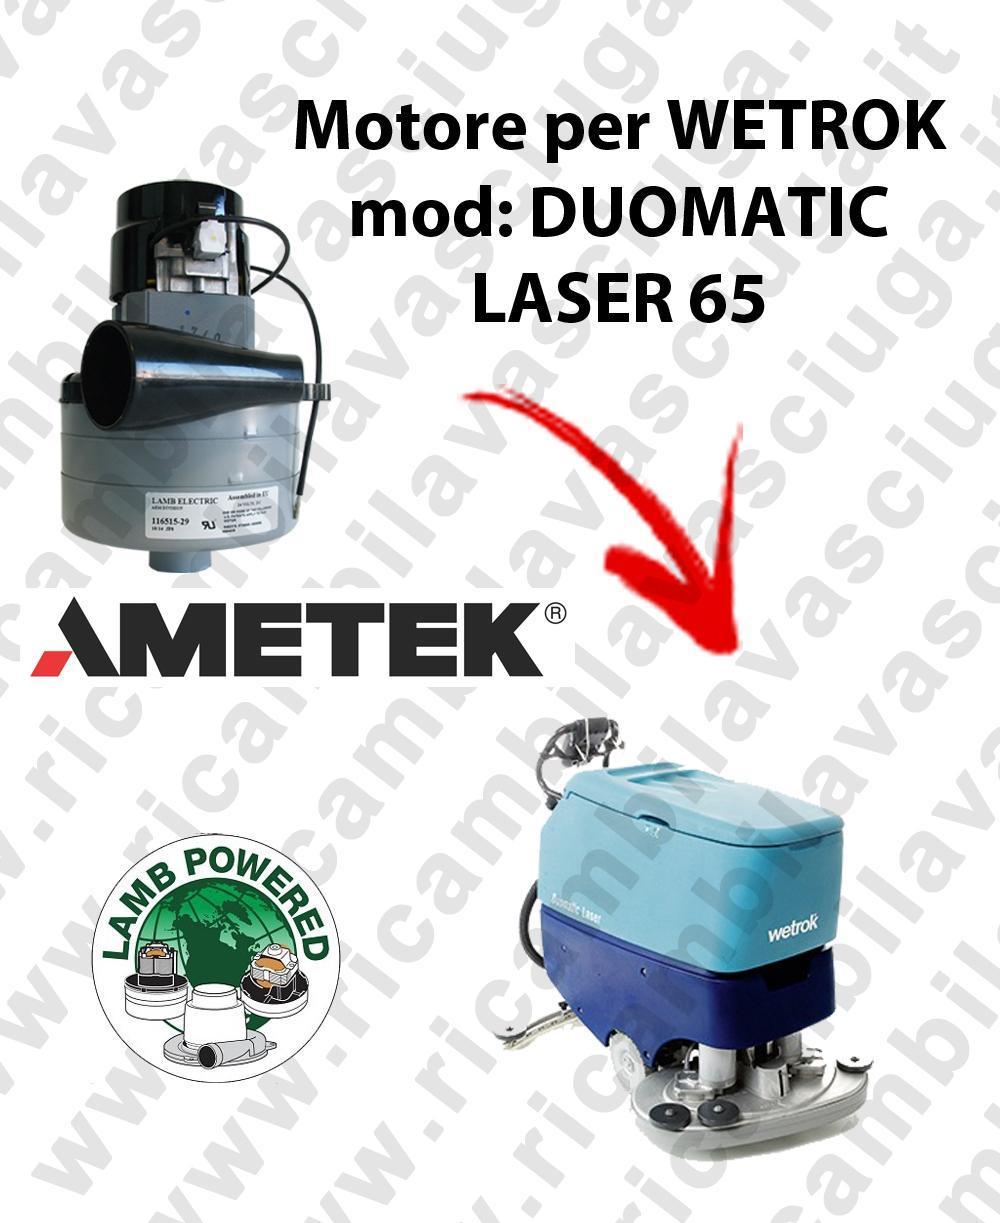 DUOMATIC LASER 65 Saugmotor LAMB AMETEK für scheuersaugmaschinen WETROK